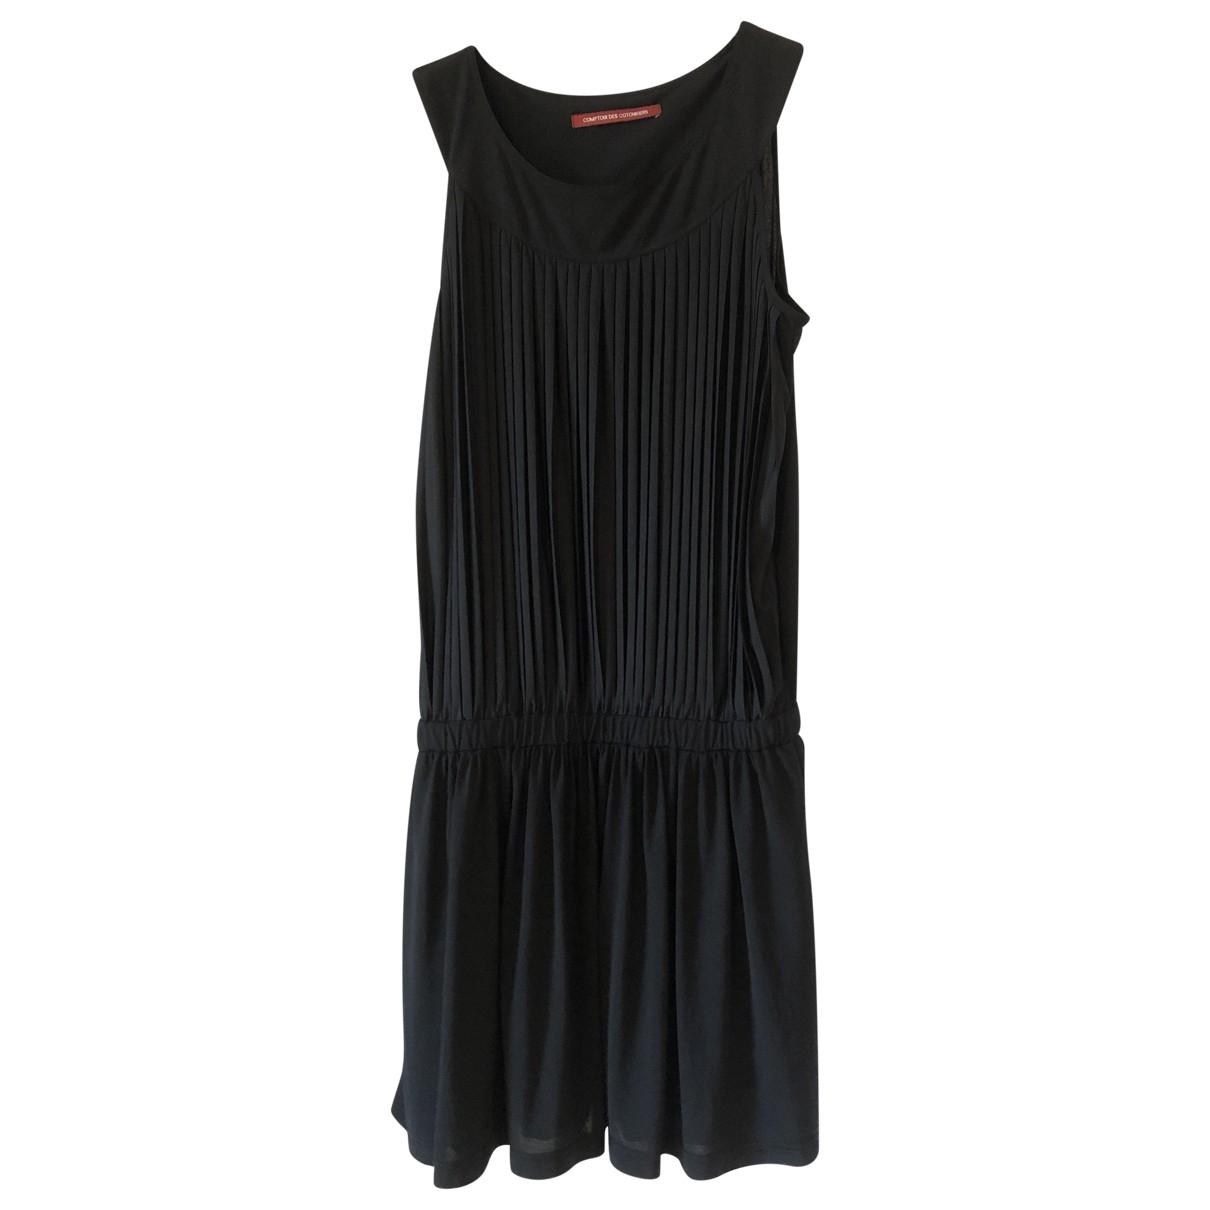 Comptoir Des Cotonniers \N Black dress for Women 36 FR